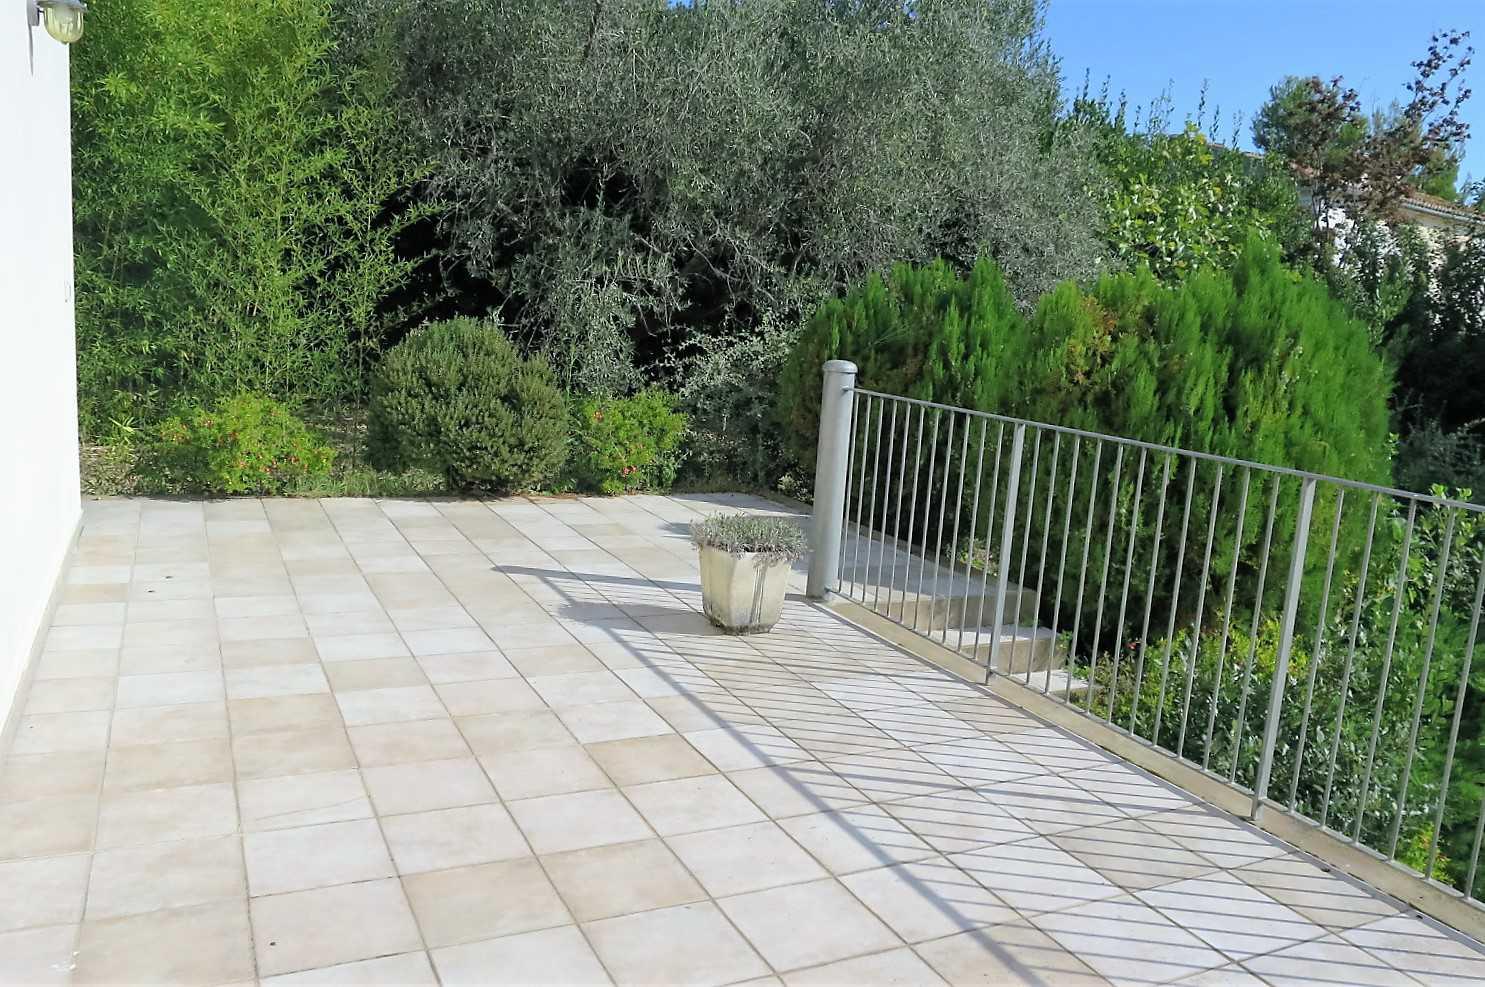 Villa Villa for sale Atri (TE), Villa Paola - Atri - EUR 462.107 240